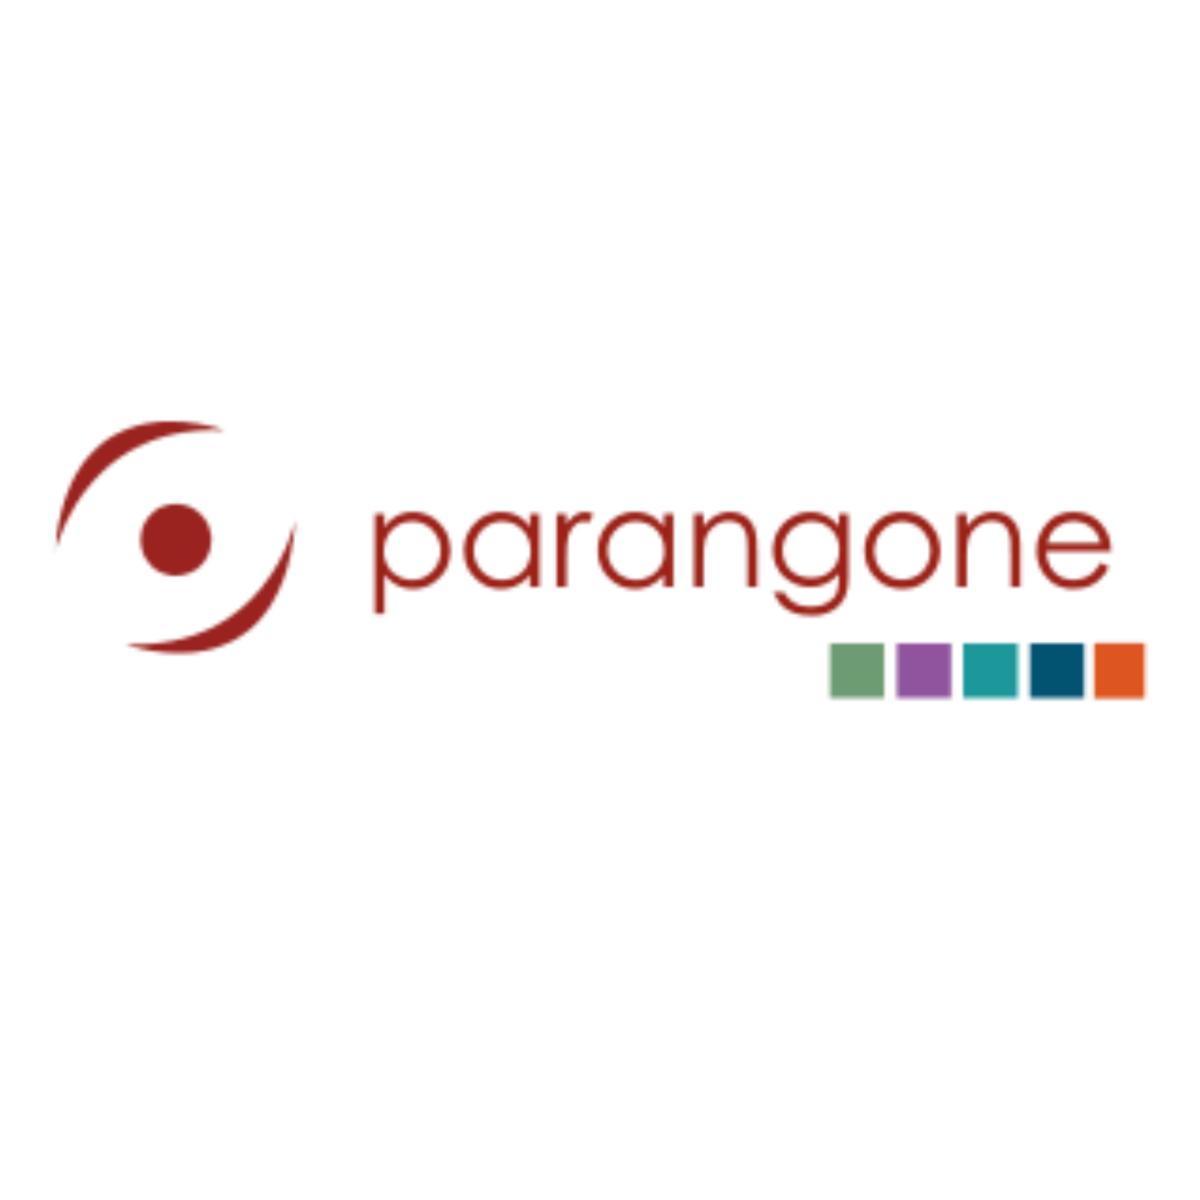 Partenaire RSE Rupture Engagée Parangone